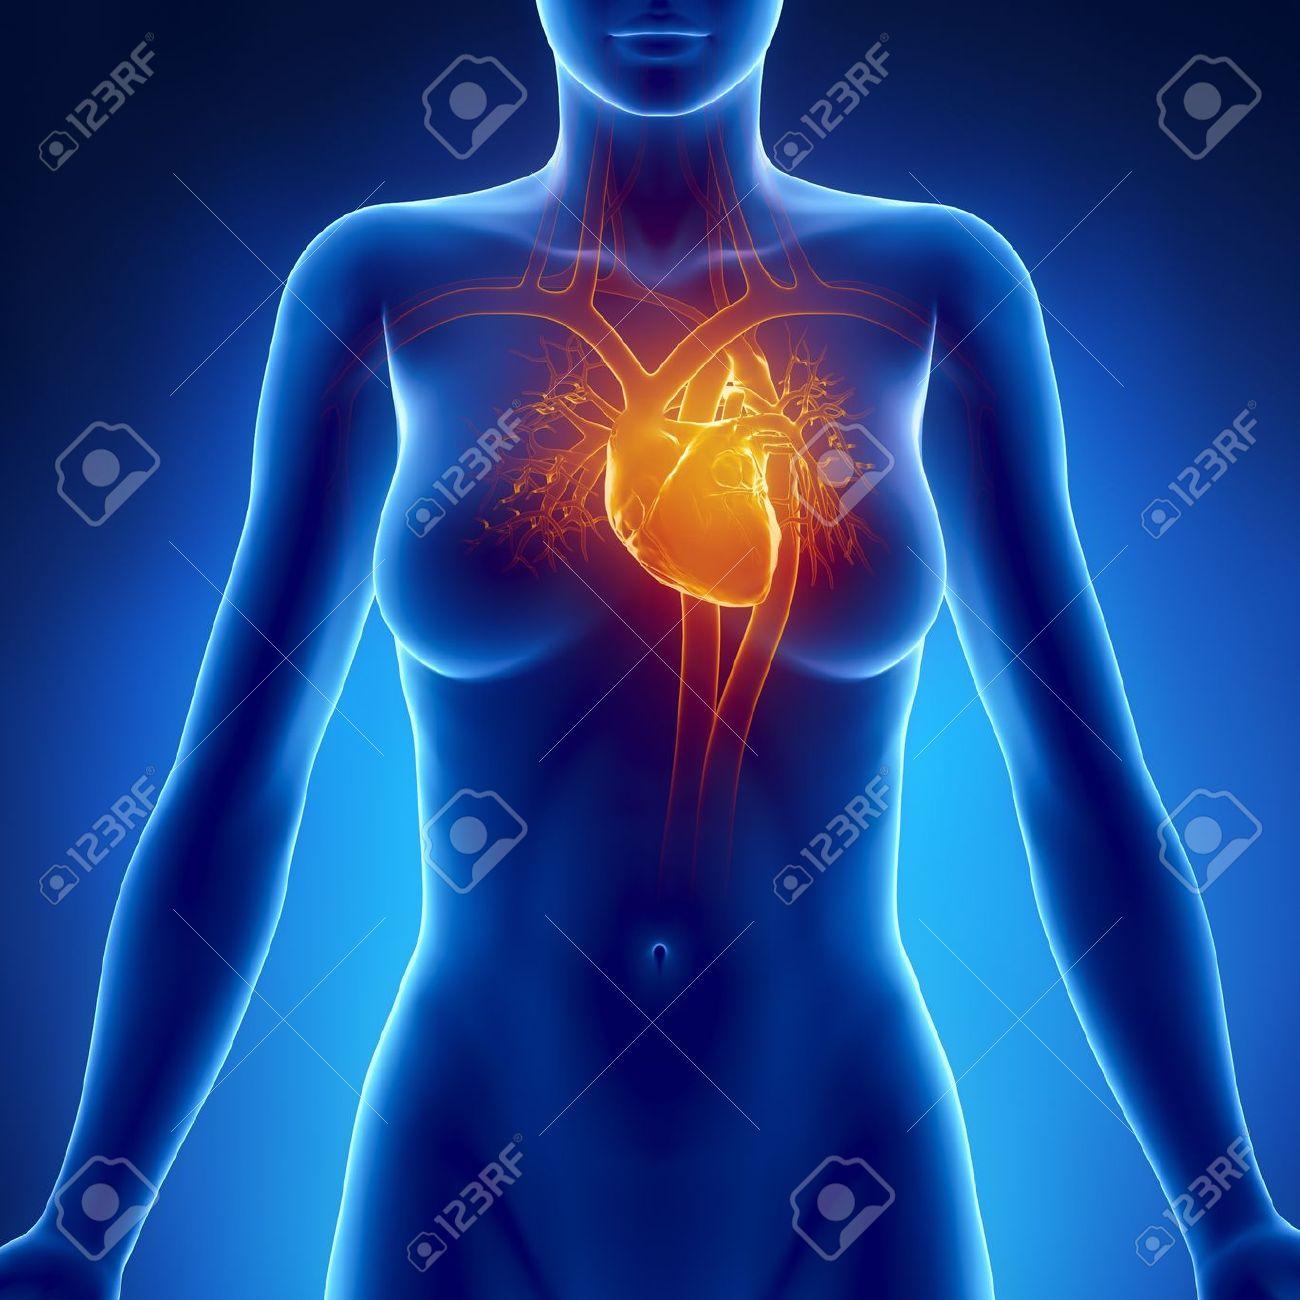 Mujer Anatomía Del Corazón Que Brilla Intensamente Fotos, Retratos ...